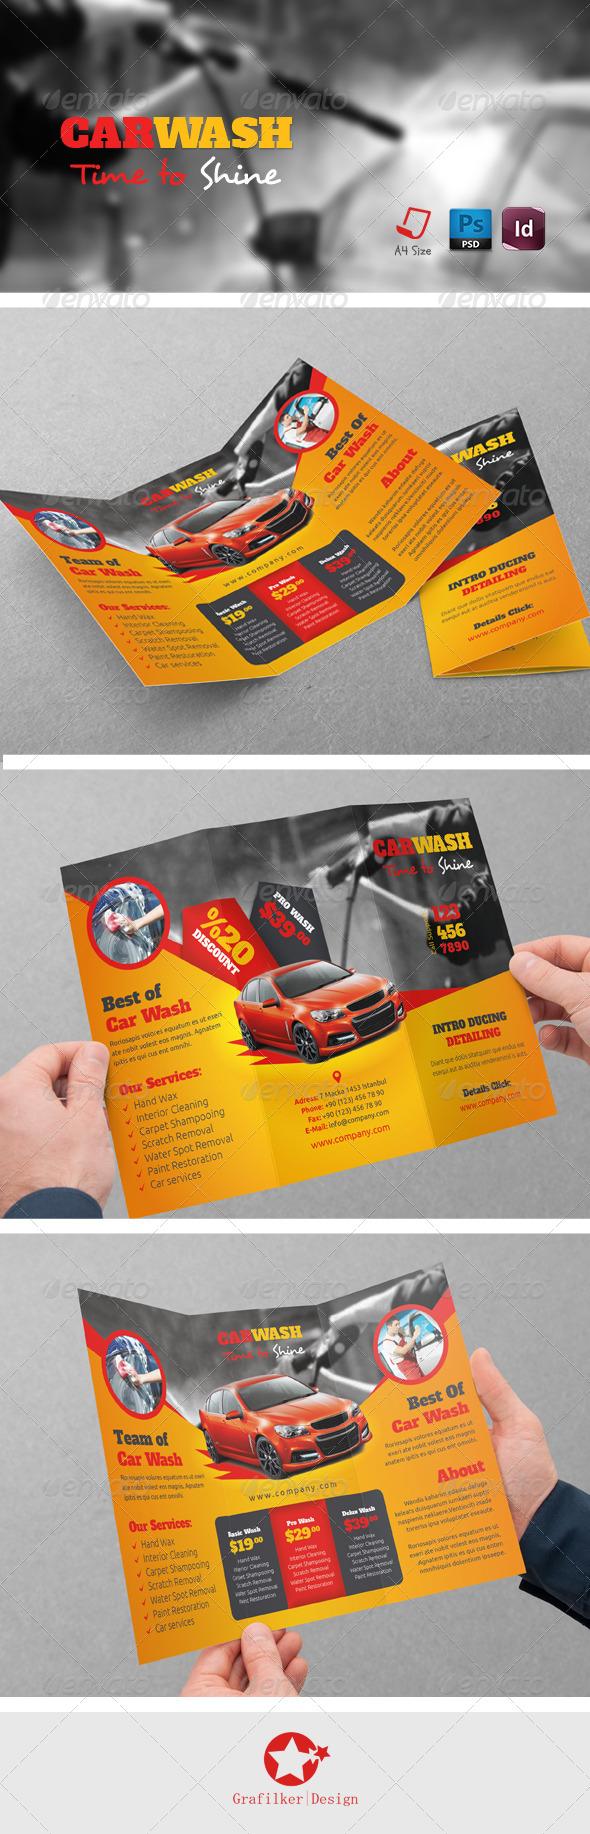 GraphicRiver Car Wash Tri-Fold Templates 7691000